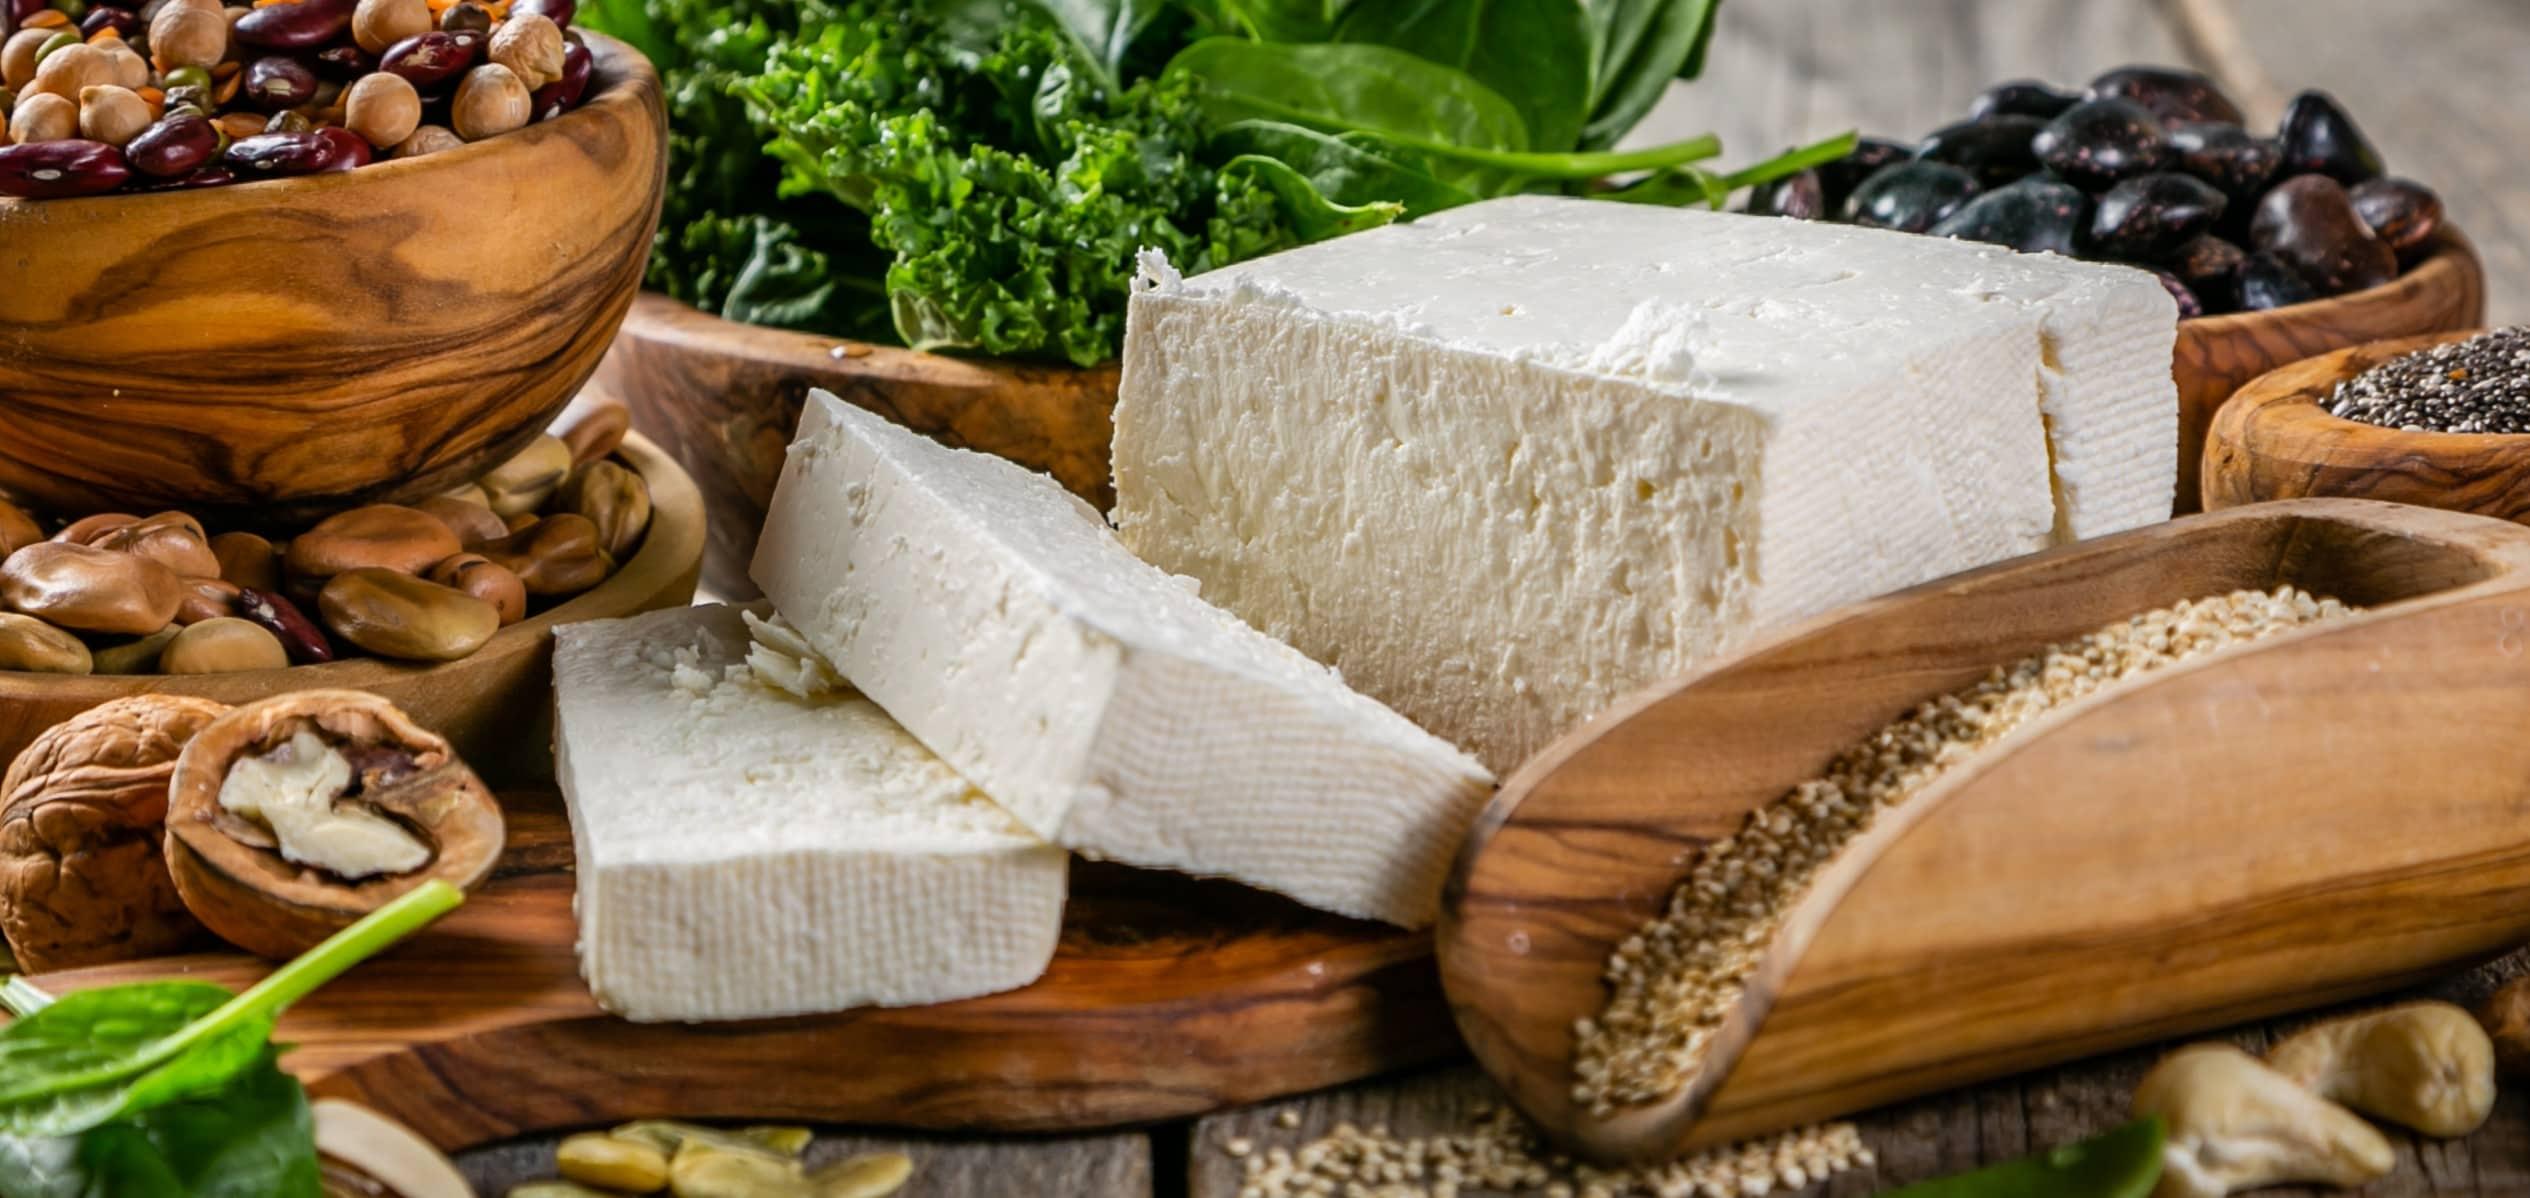 proteine vegane negli alimenti per la palestra